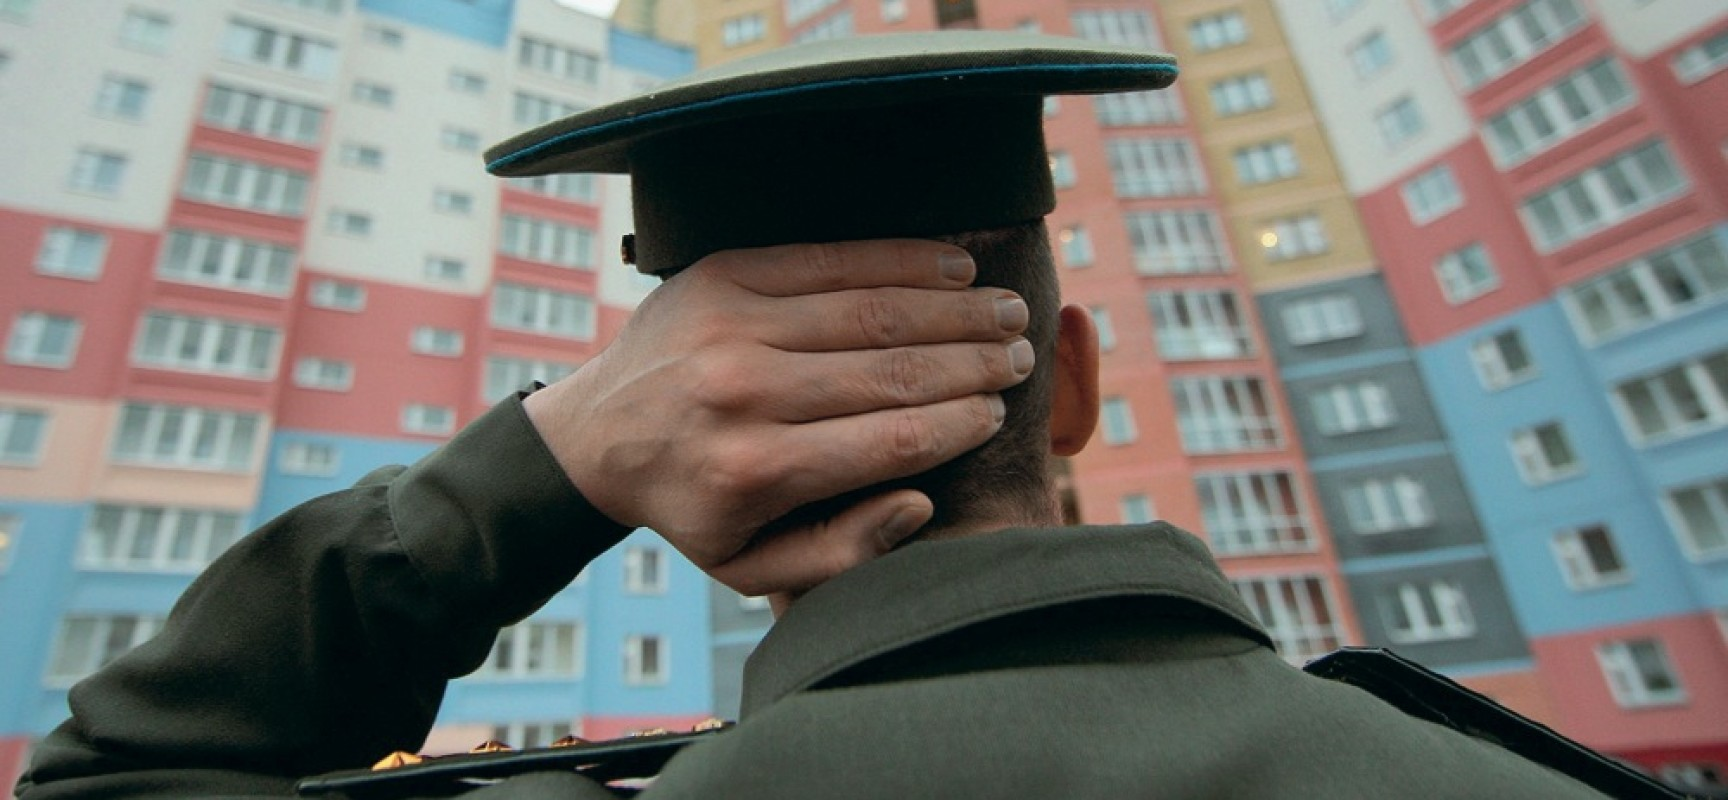 Как быть с военной ипотекой при увольнении?